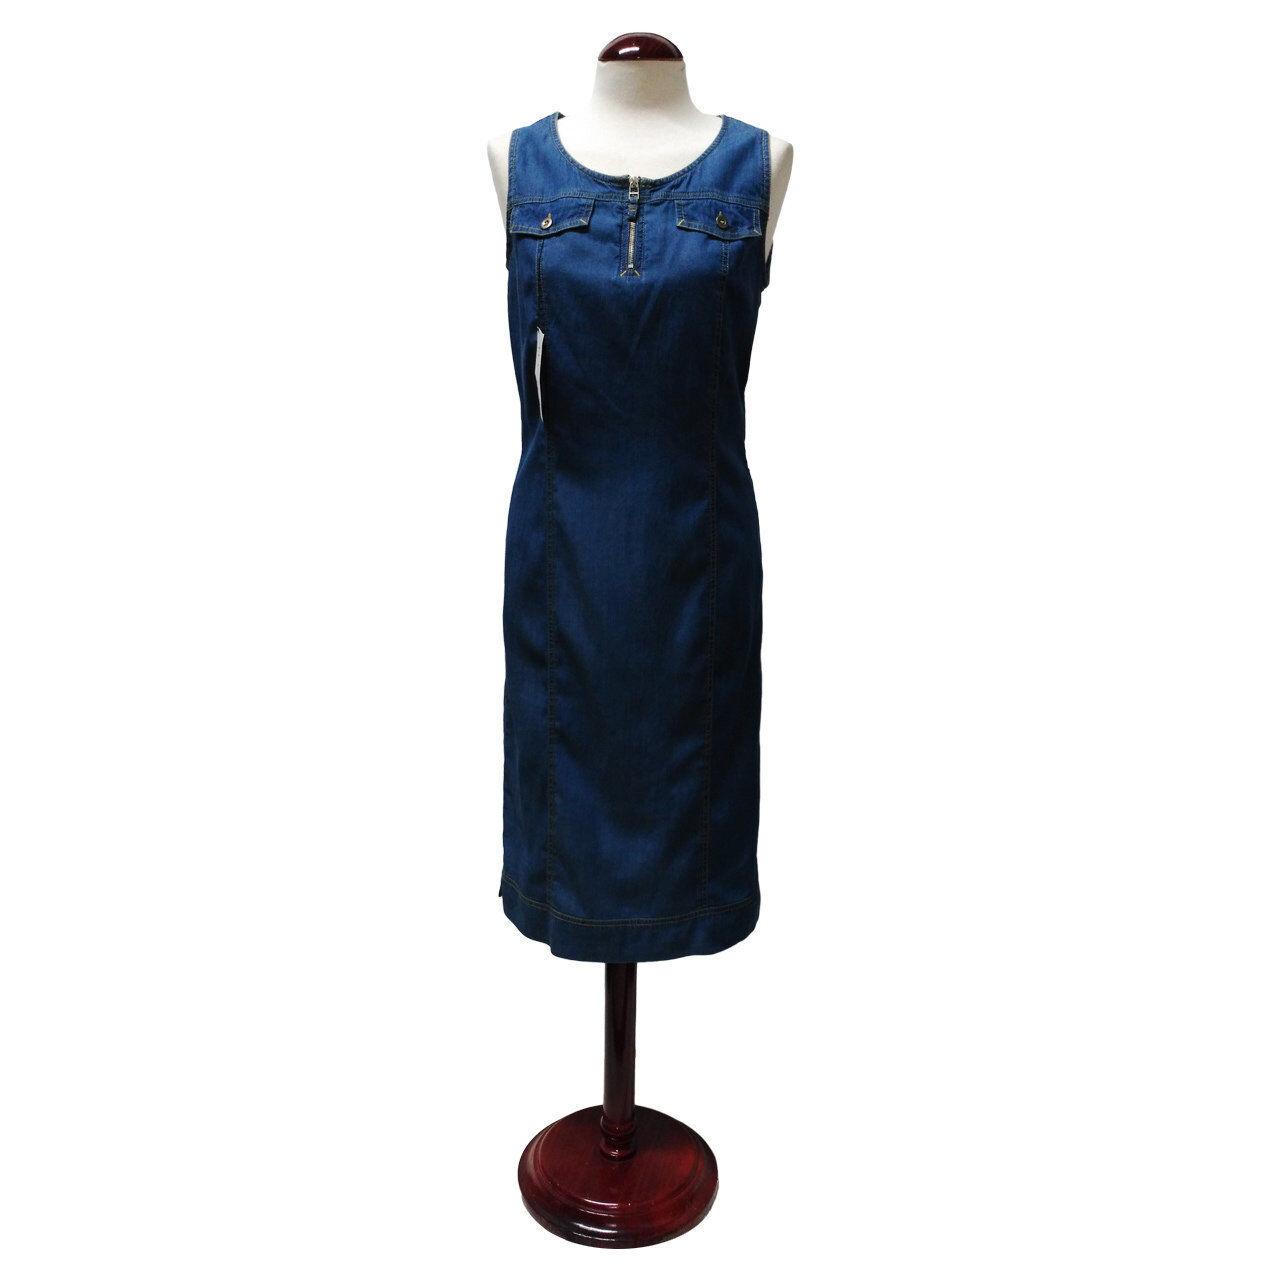 NEW Kitara Tencel Denim Jumper Dress, Sizes 8,10,14